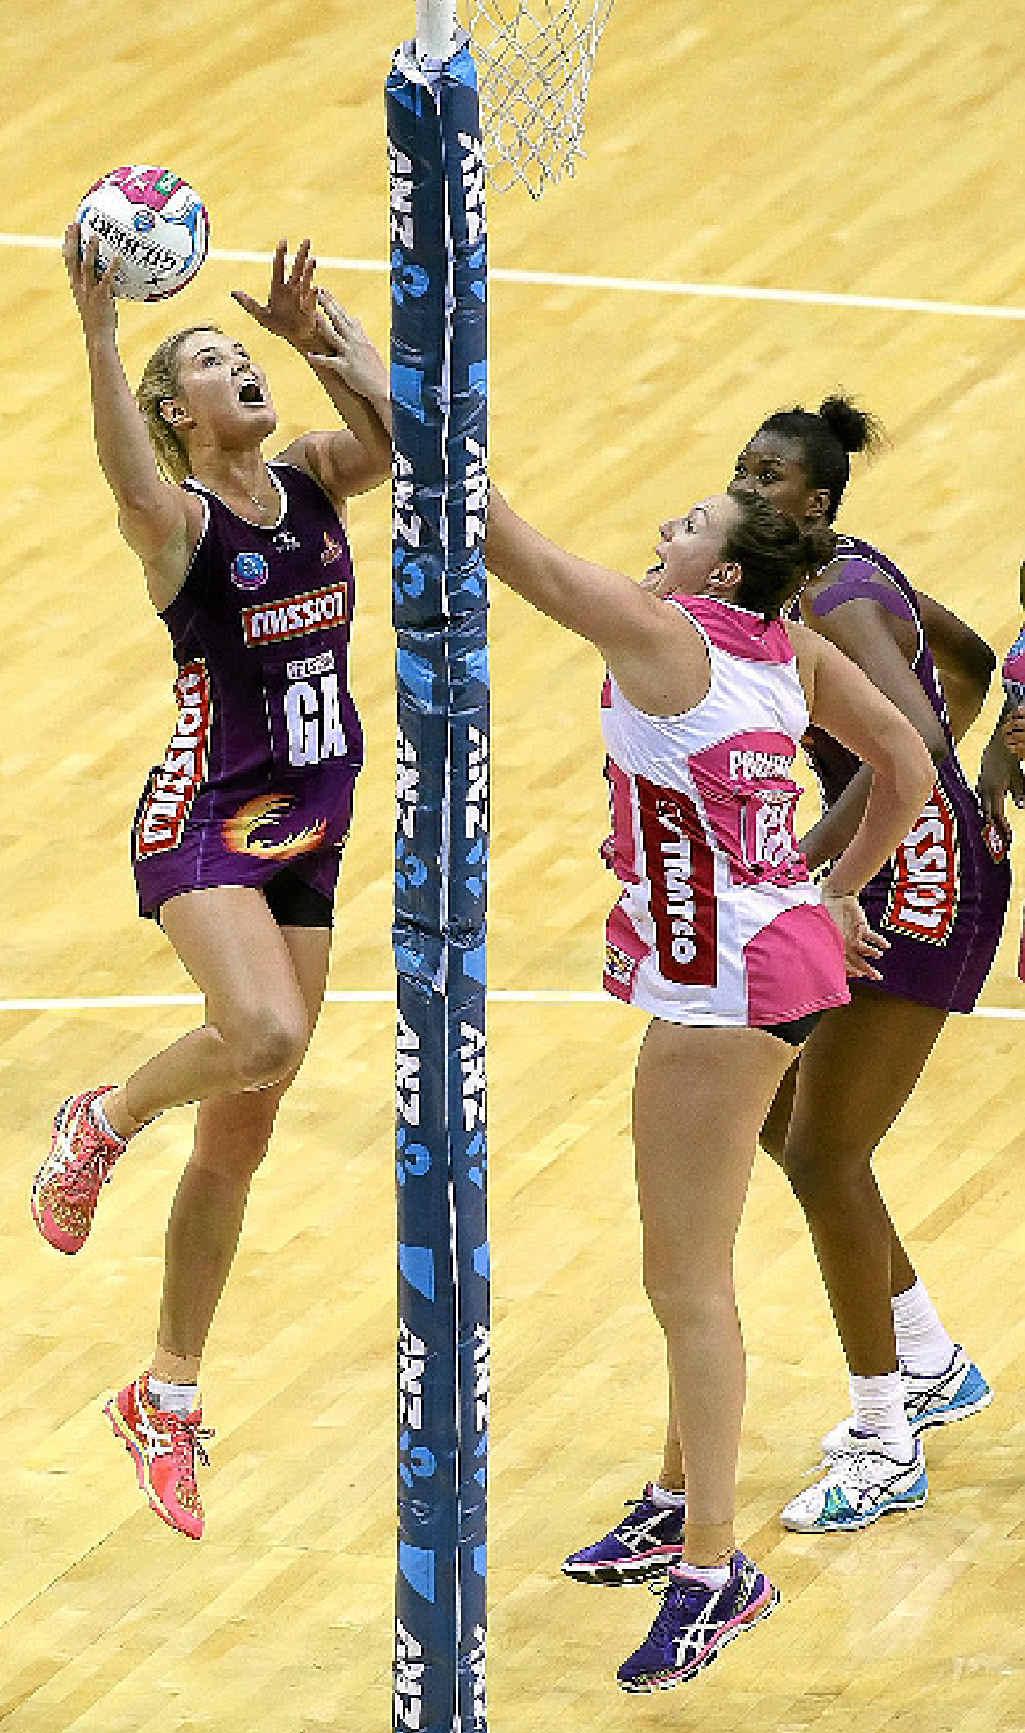 Firebirds' standout Gretel Tippett shows her unorthodox goalshooting style.